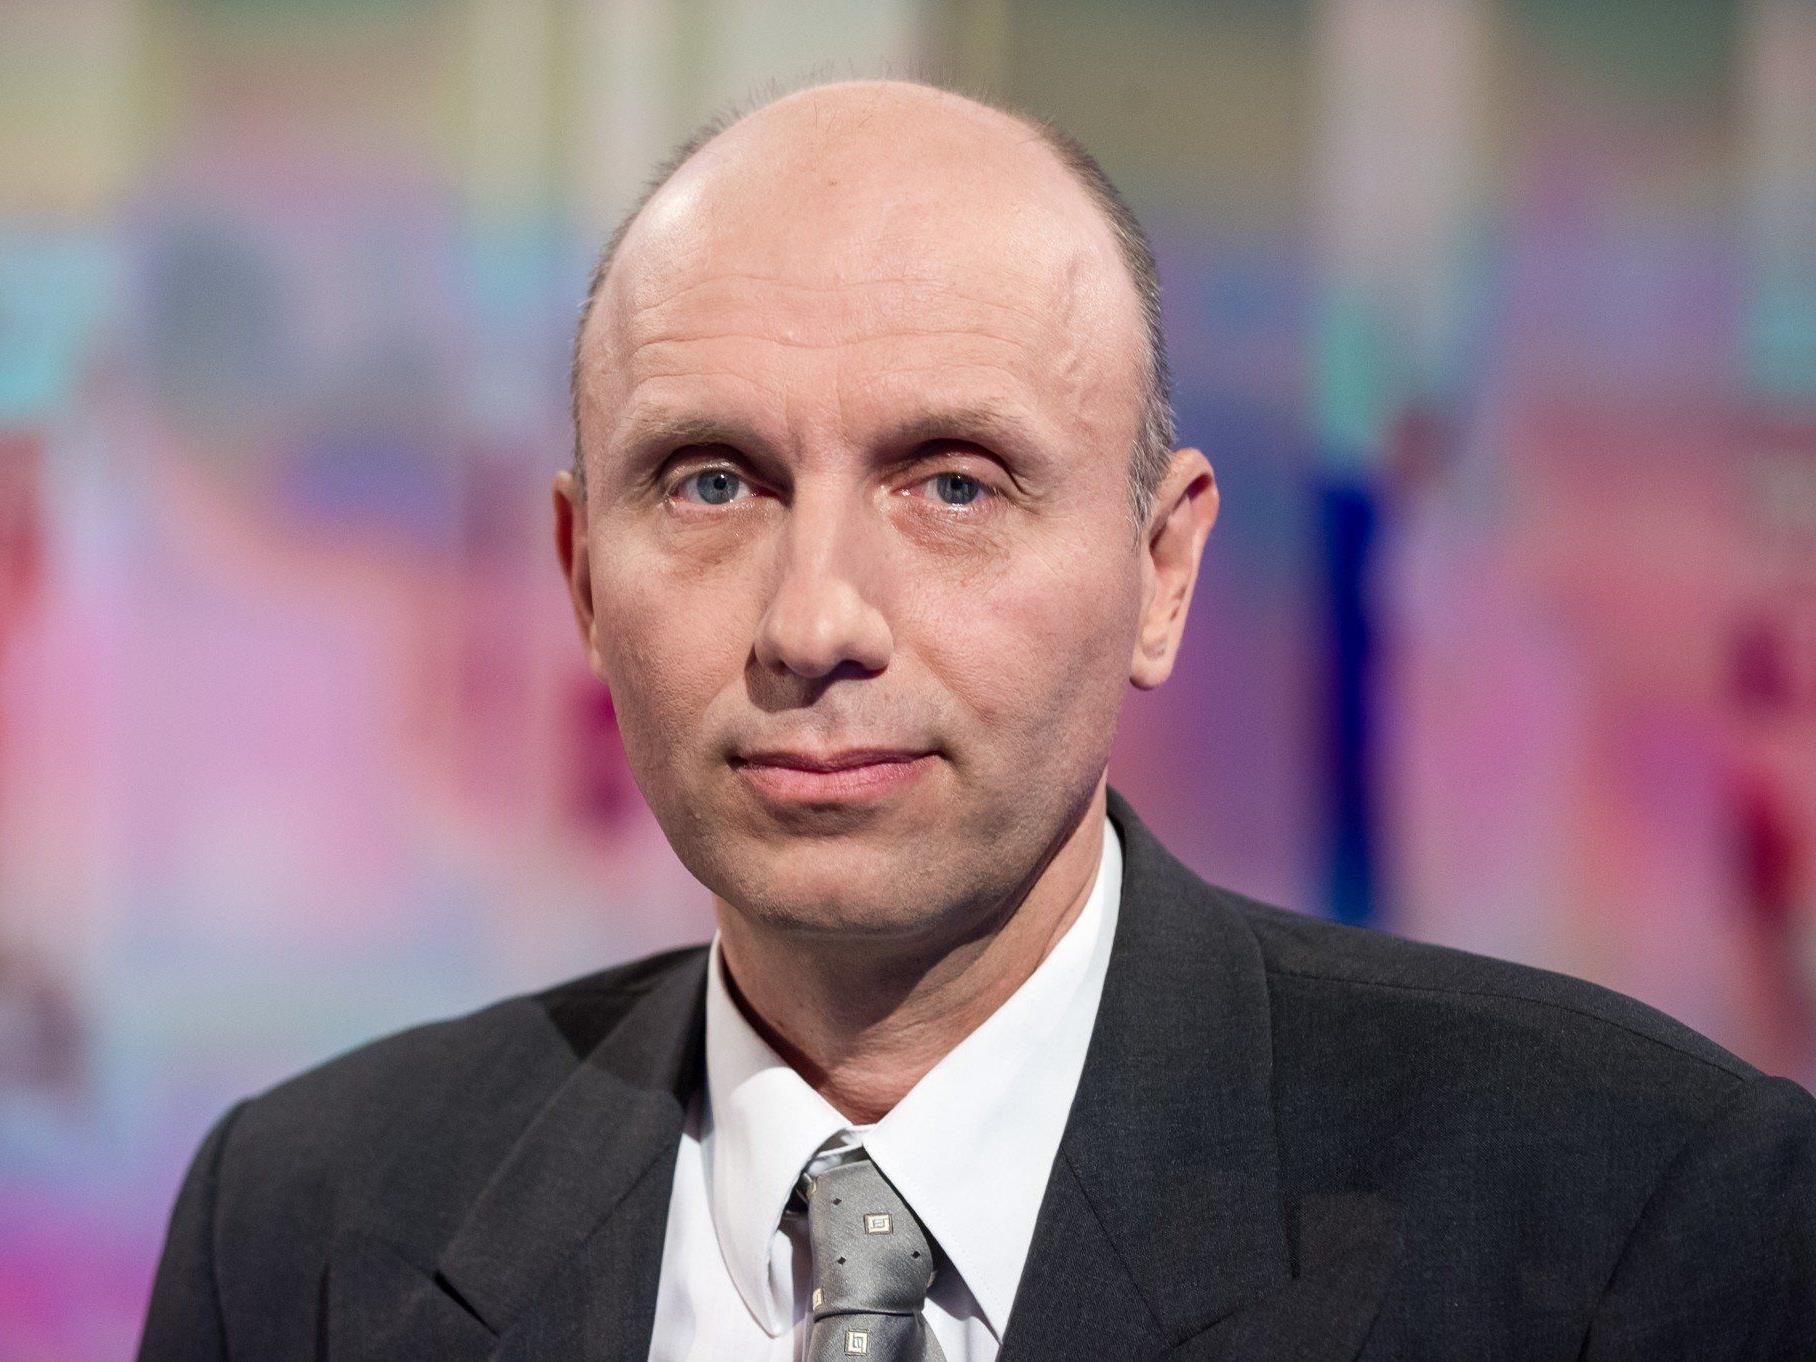 Robert marschall (Spitzenkandidat von EU-Stop) sorgte für die Überraschung bei der Europawahl 2014.